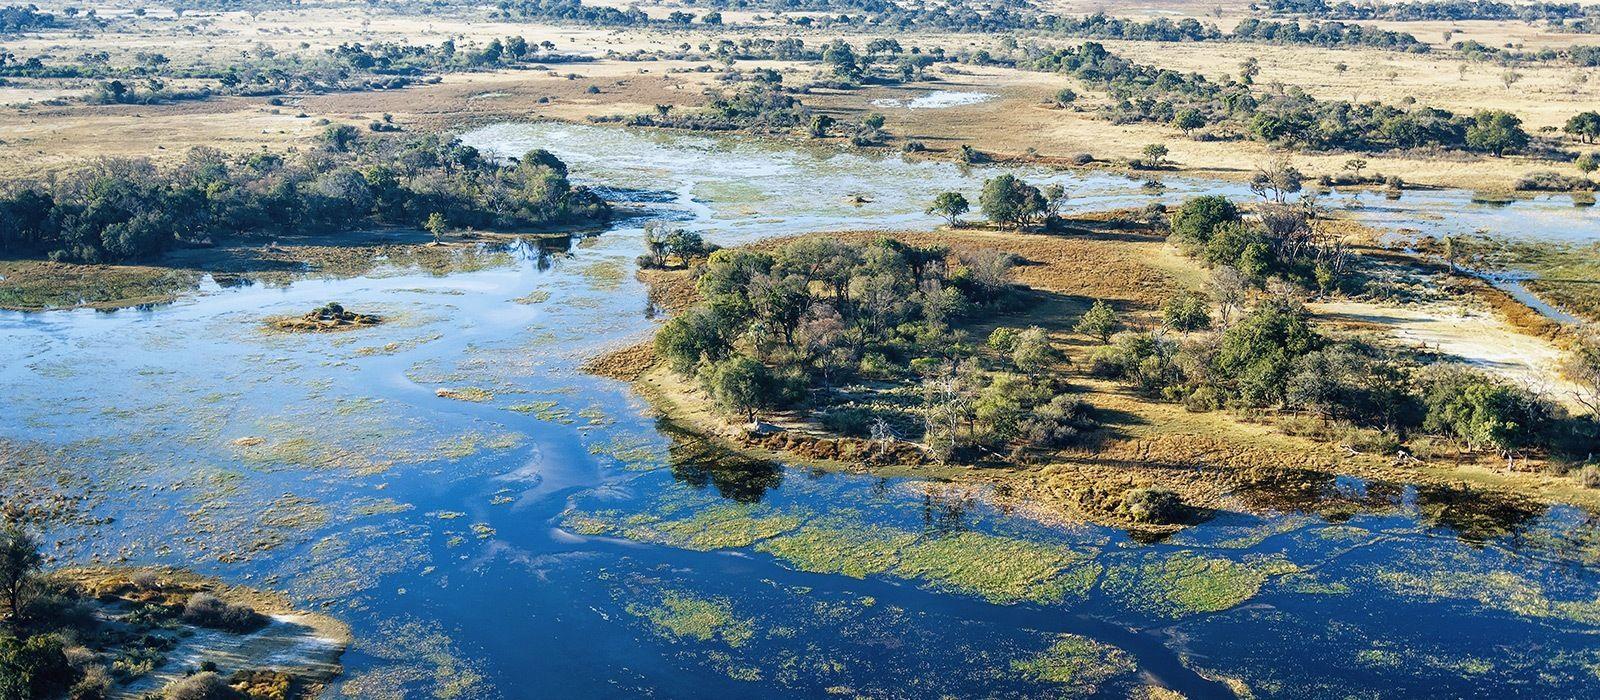 Cape Town, Okavango Delta and Victoria Falls Tour Trip 2